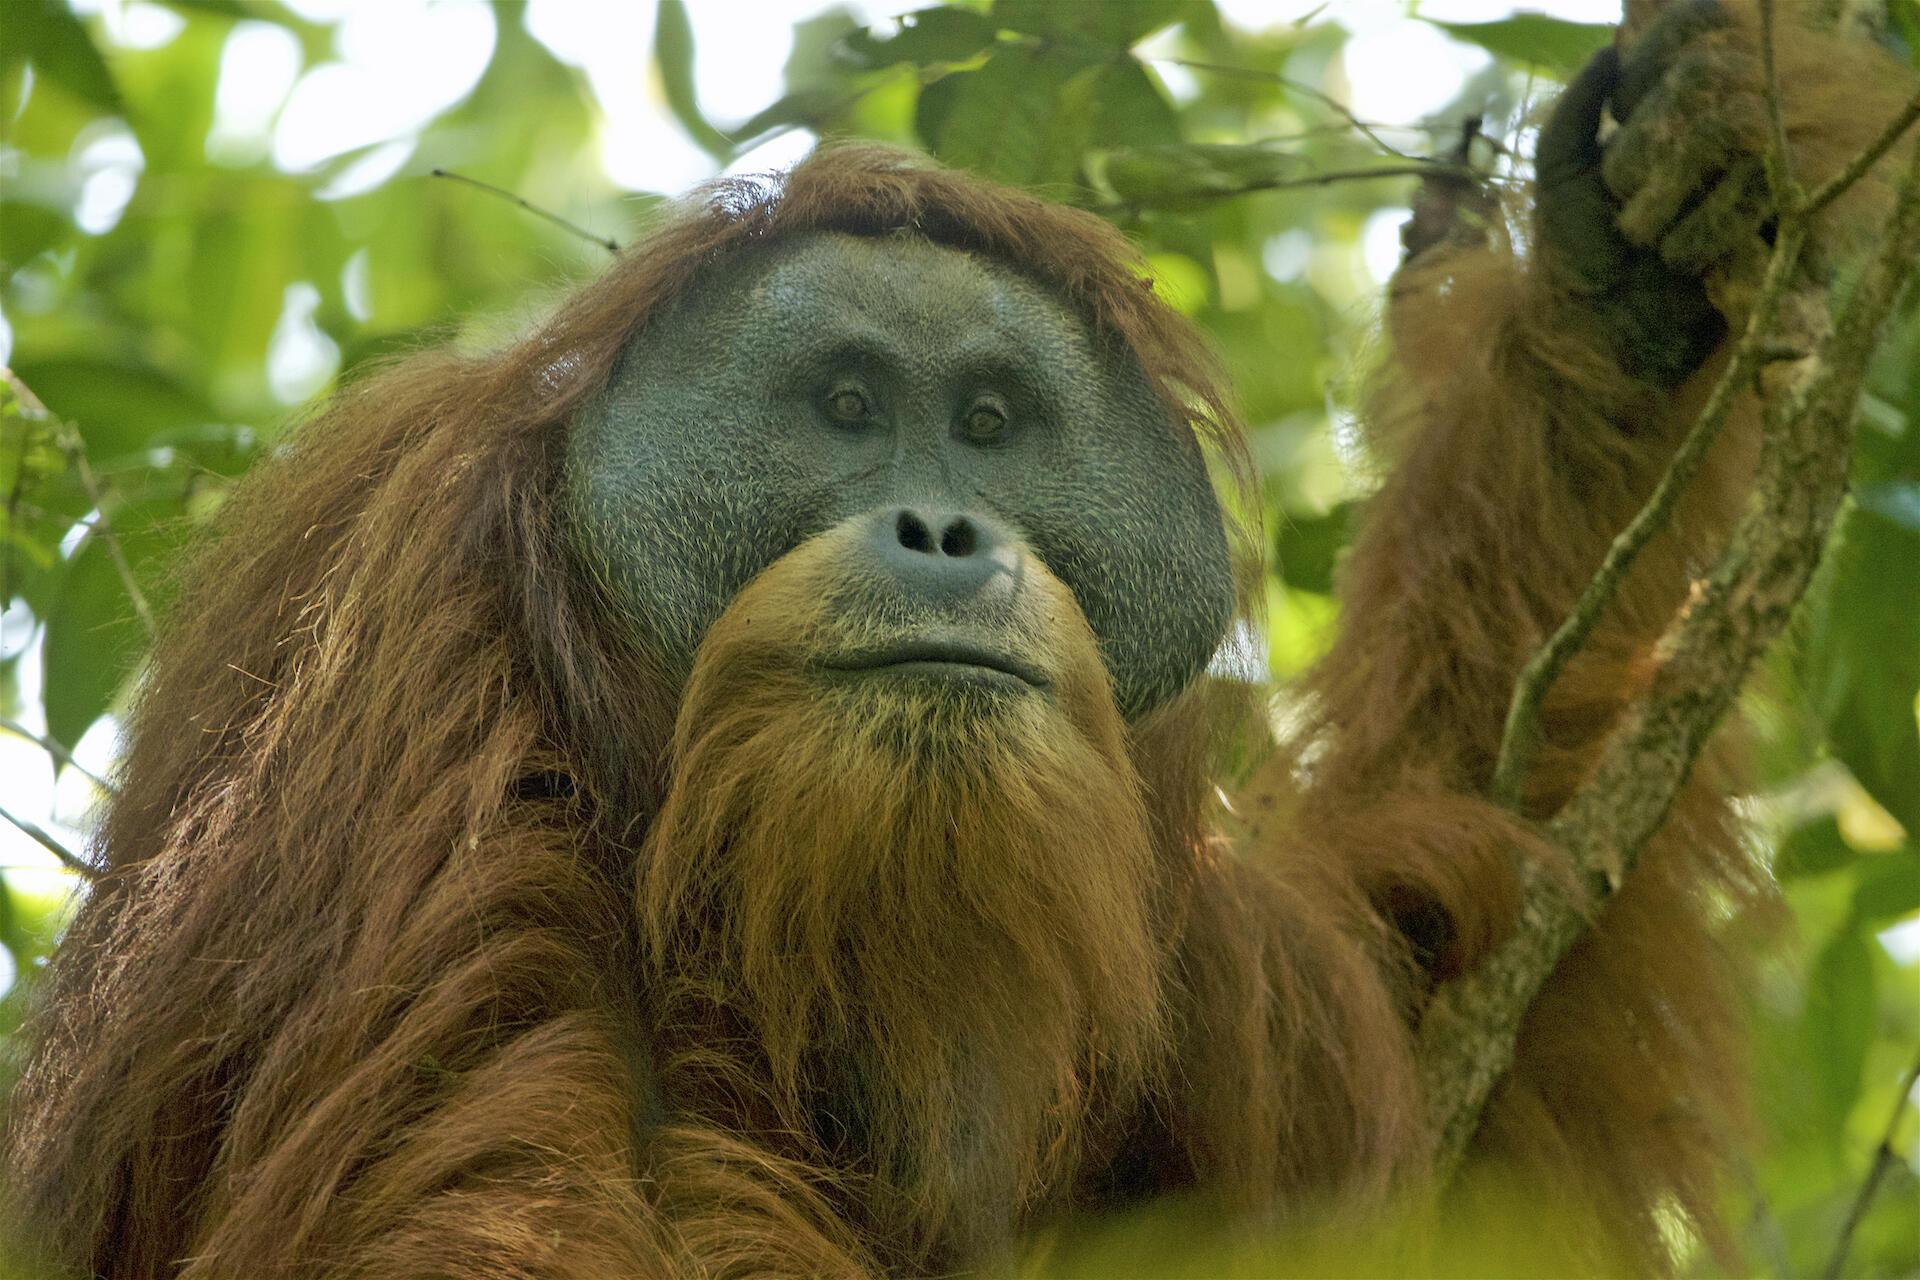 印尼蘇門達臘島北部熱帶雨林的珍稀動物打巴奴里猩猩的生存受到一個中國投資的大壩計畫的威脅,2018年10月。圖為成年雄猩猩 。